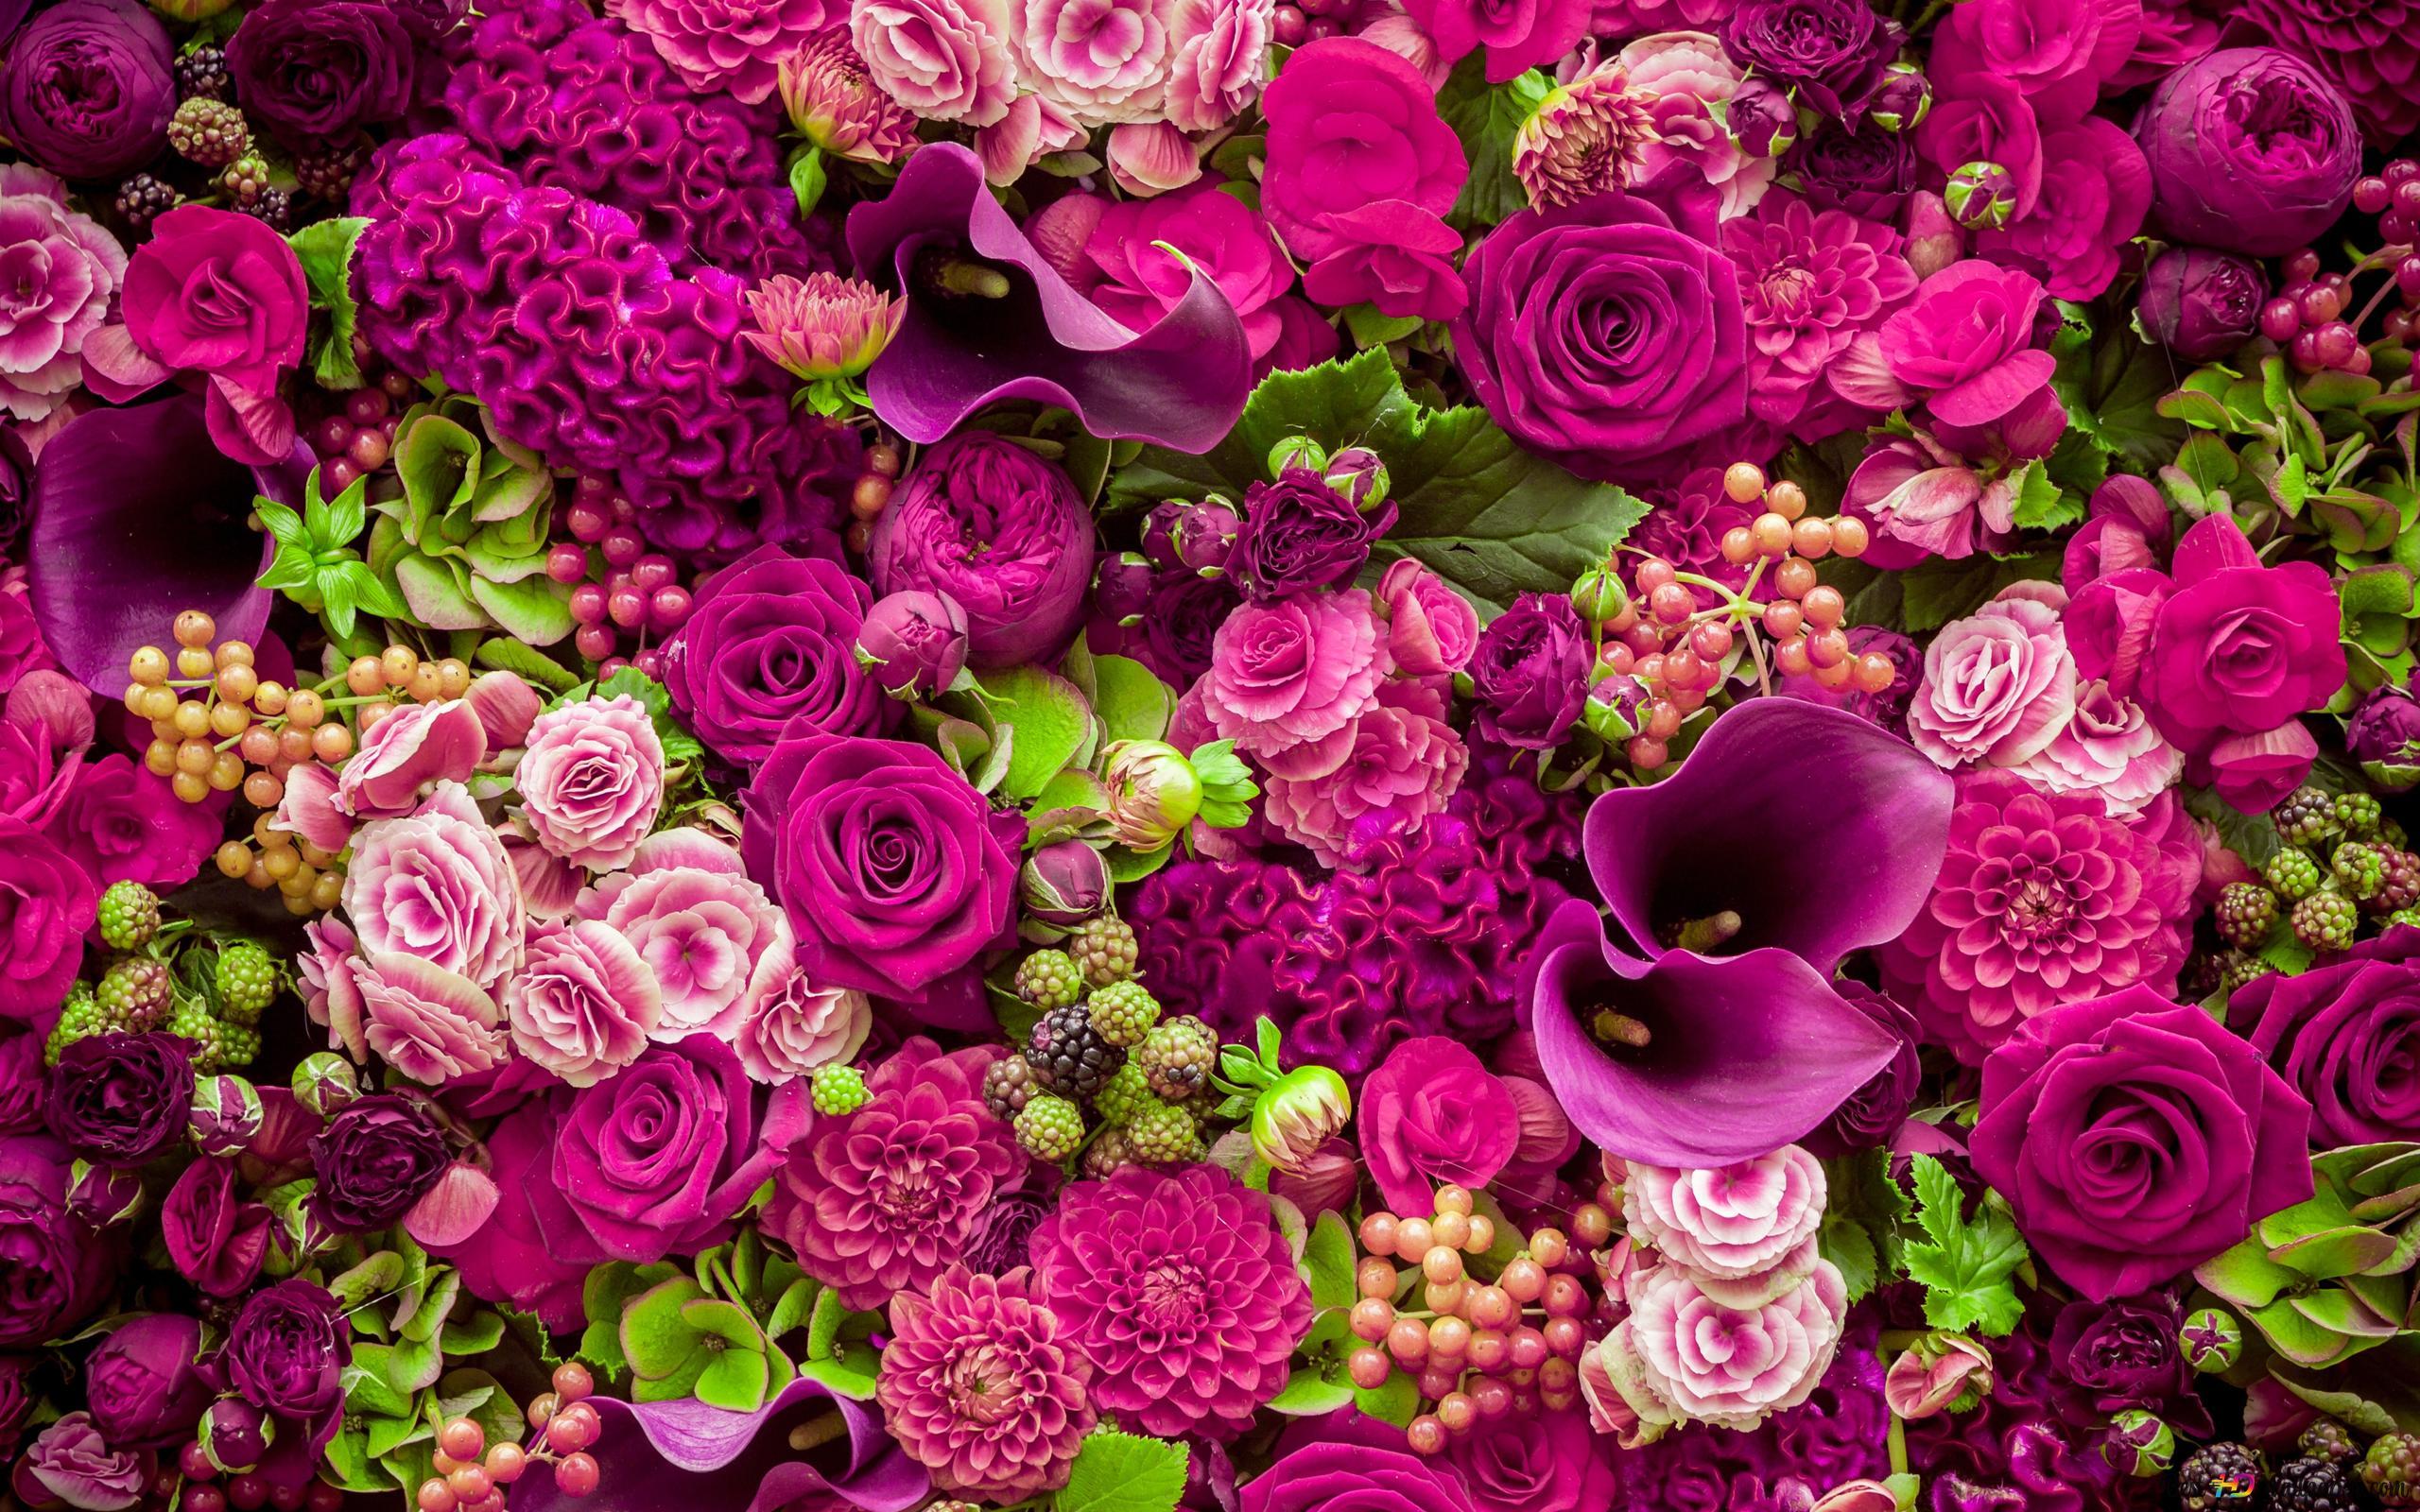 Bouquet De Fleurs Roses Belle Hd Fond D Ecran Telecharger